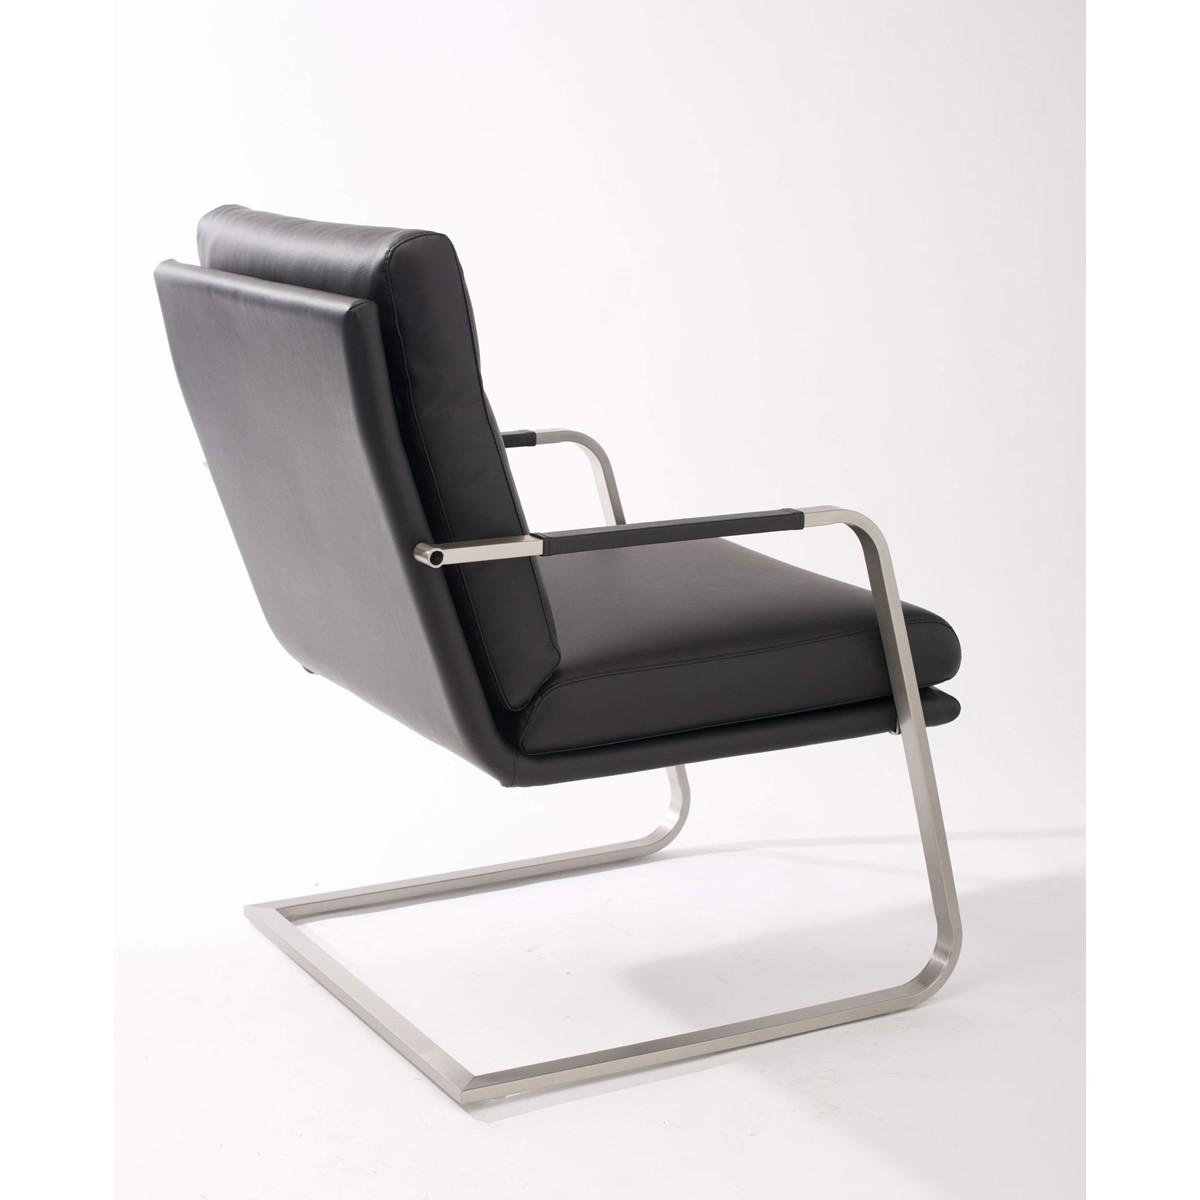 Fauteuil design mango par la marque meuble delmas - Acheter fauteuil design ...